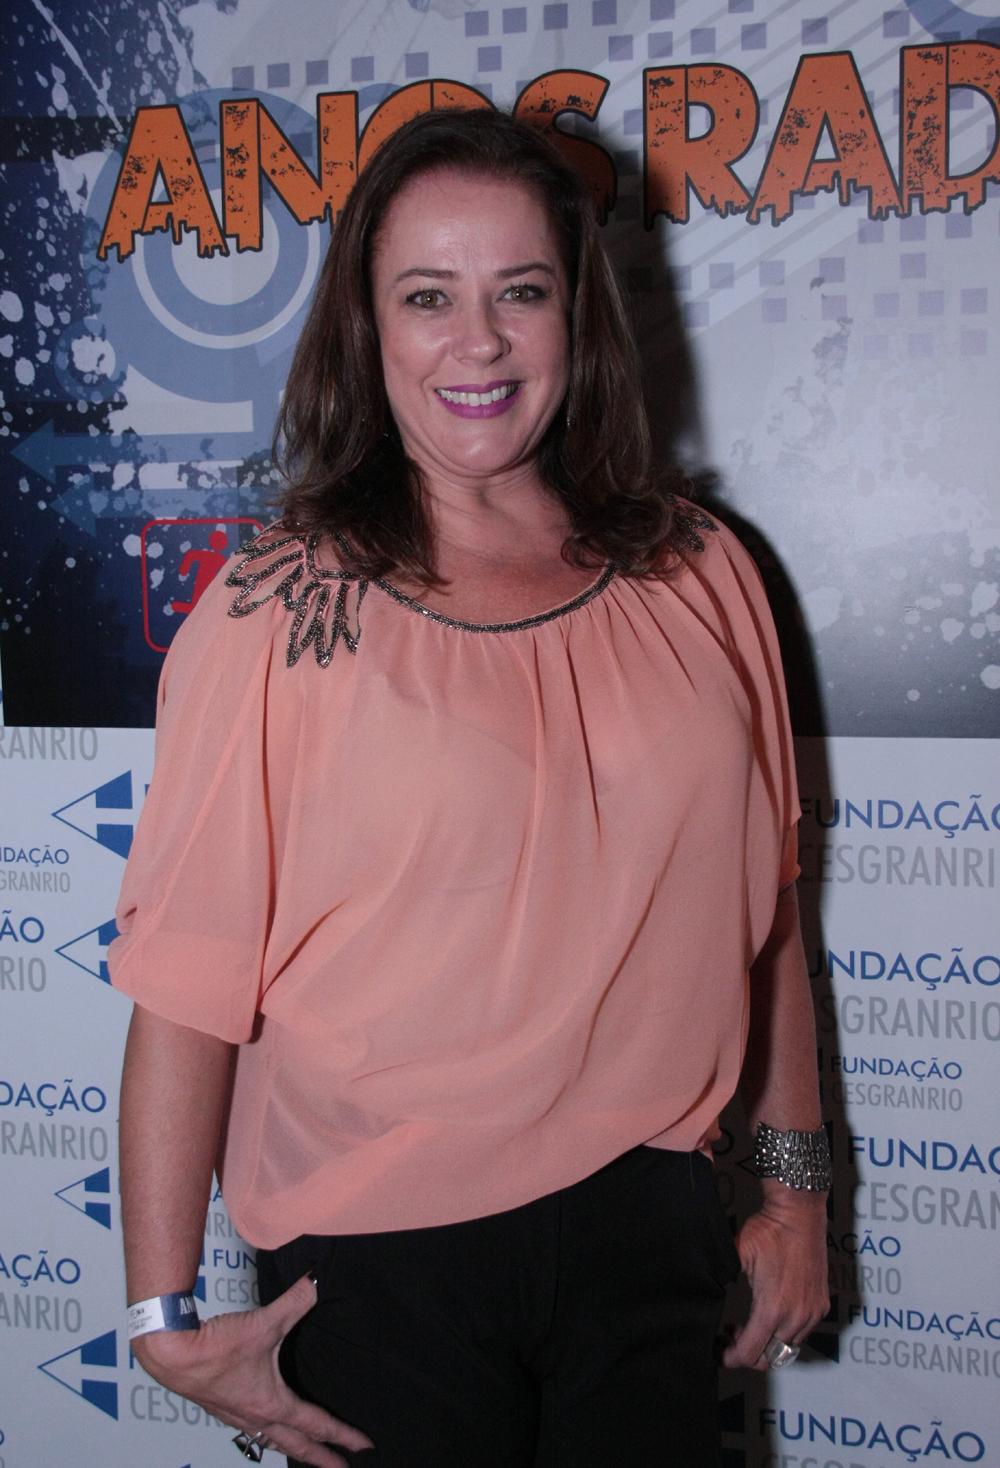 Ana Carolina Rainha